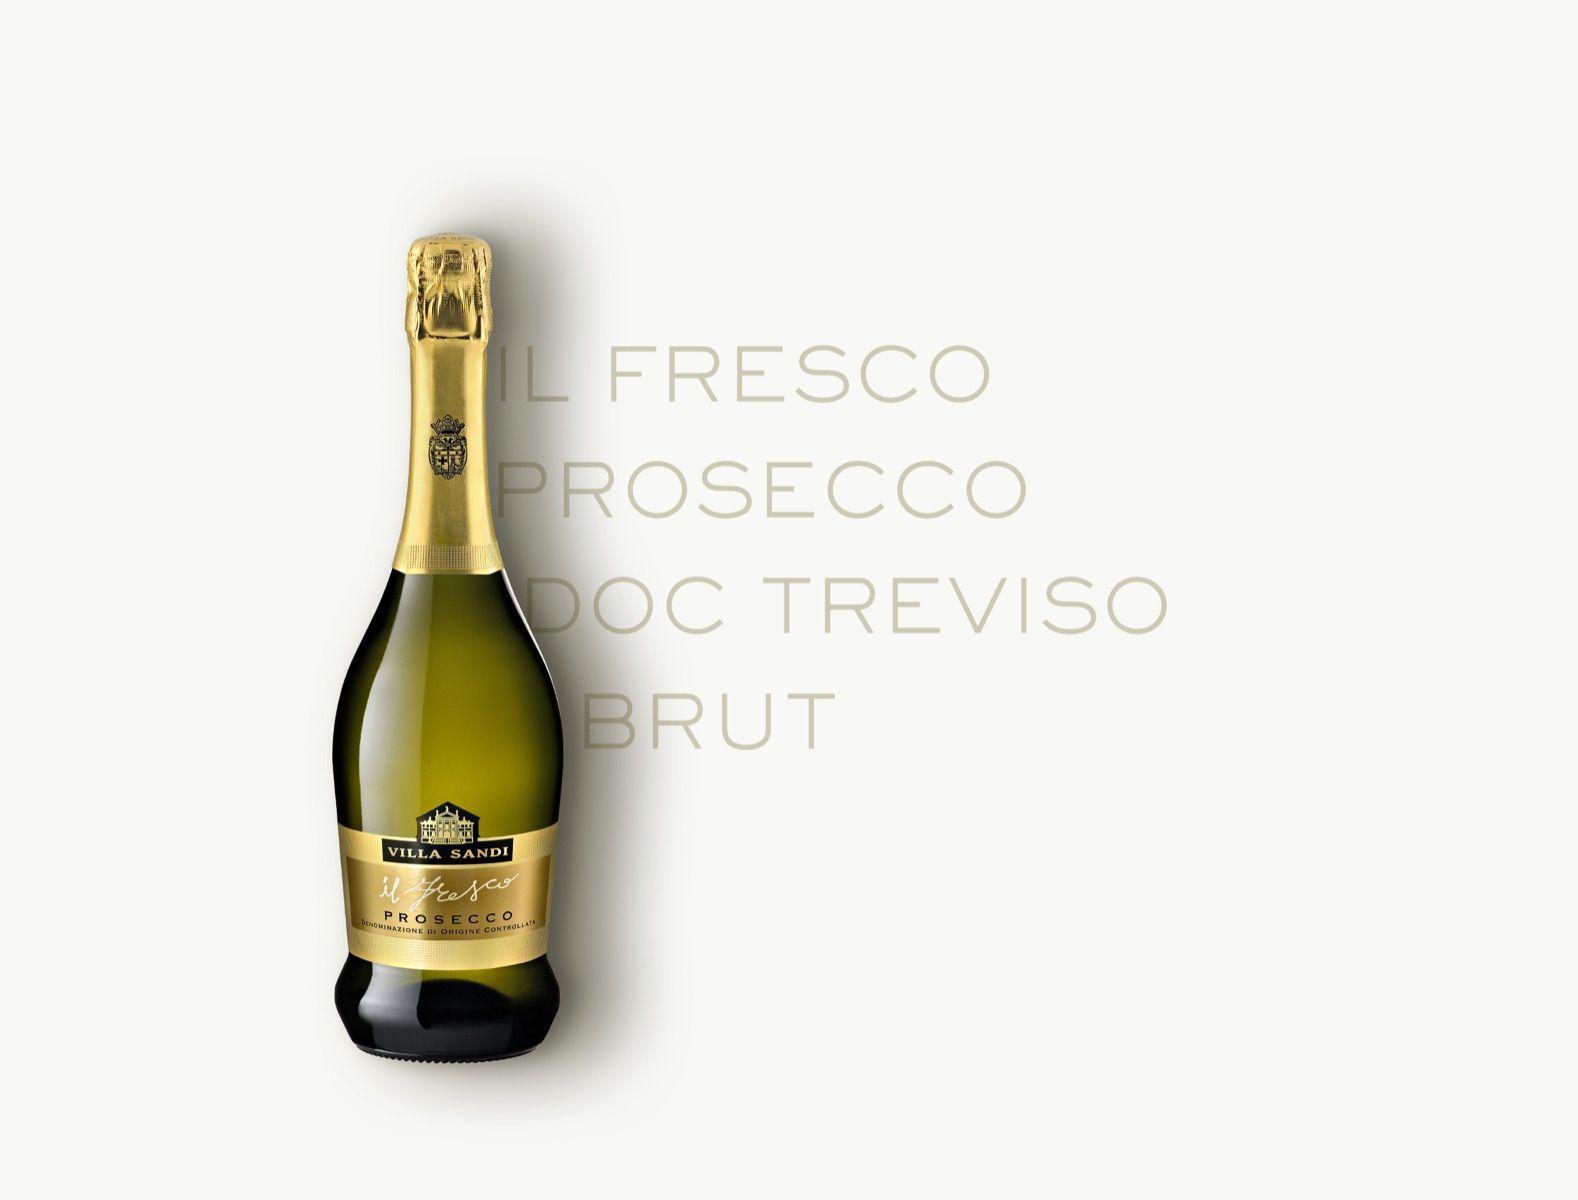 Il Fresco Prosecco DOC Treviso Brut